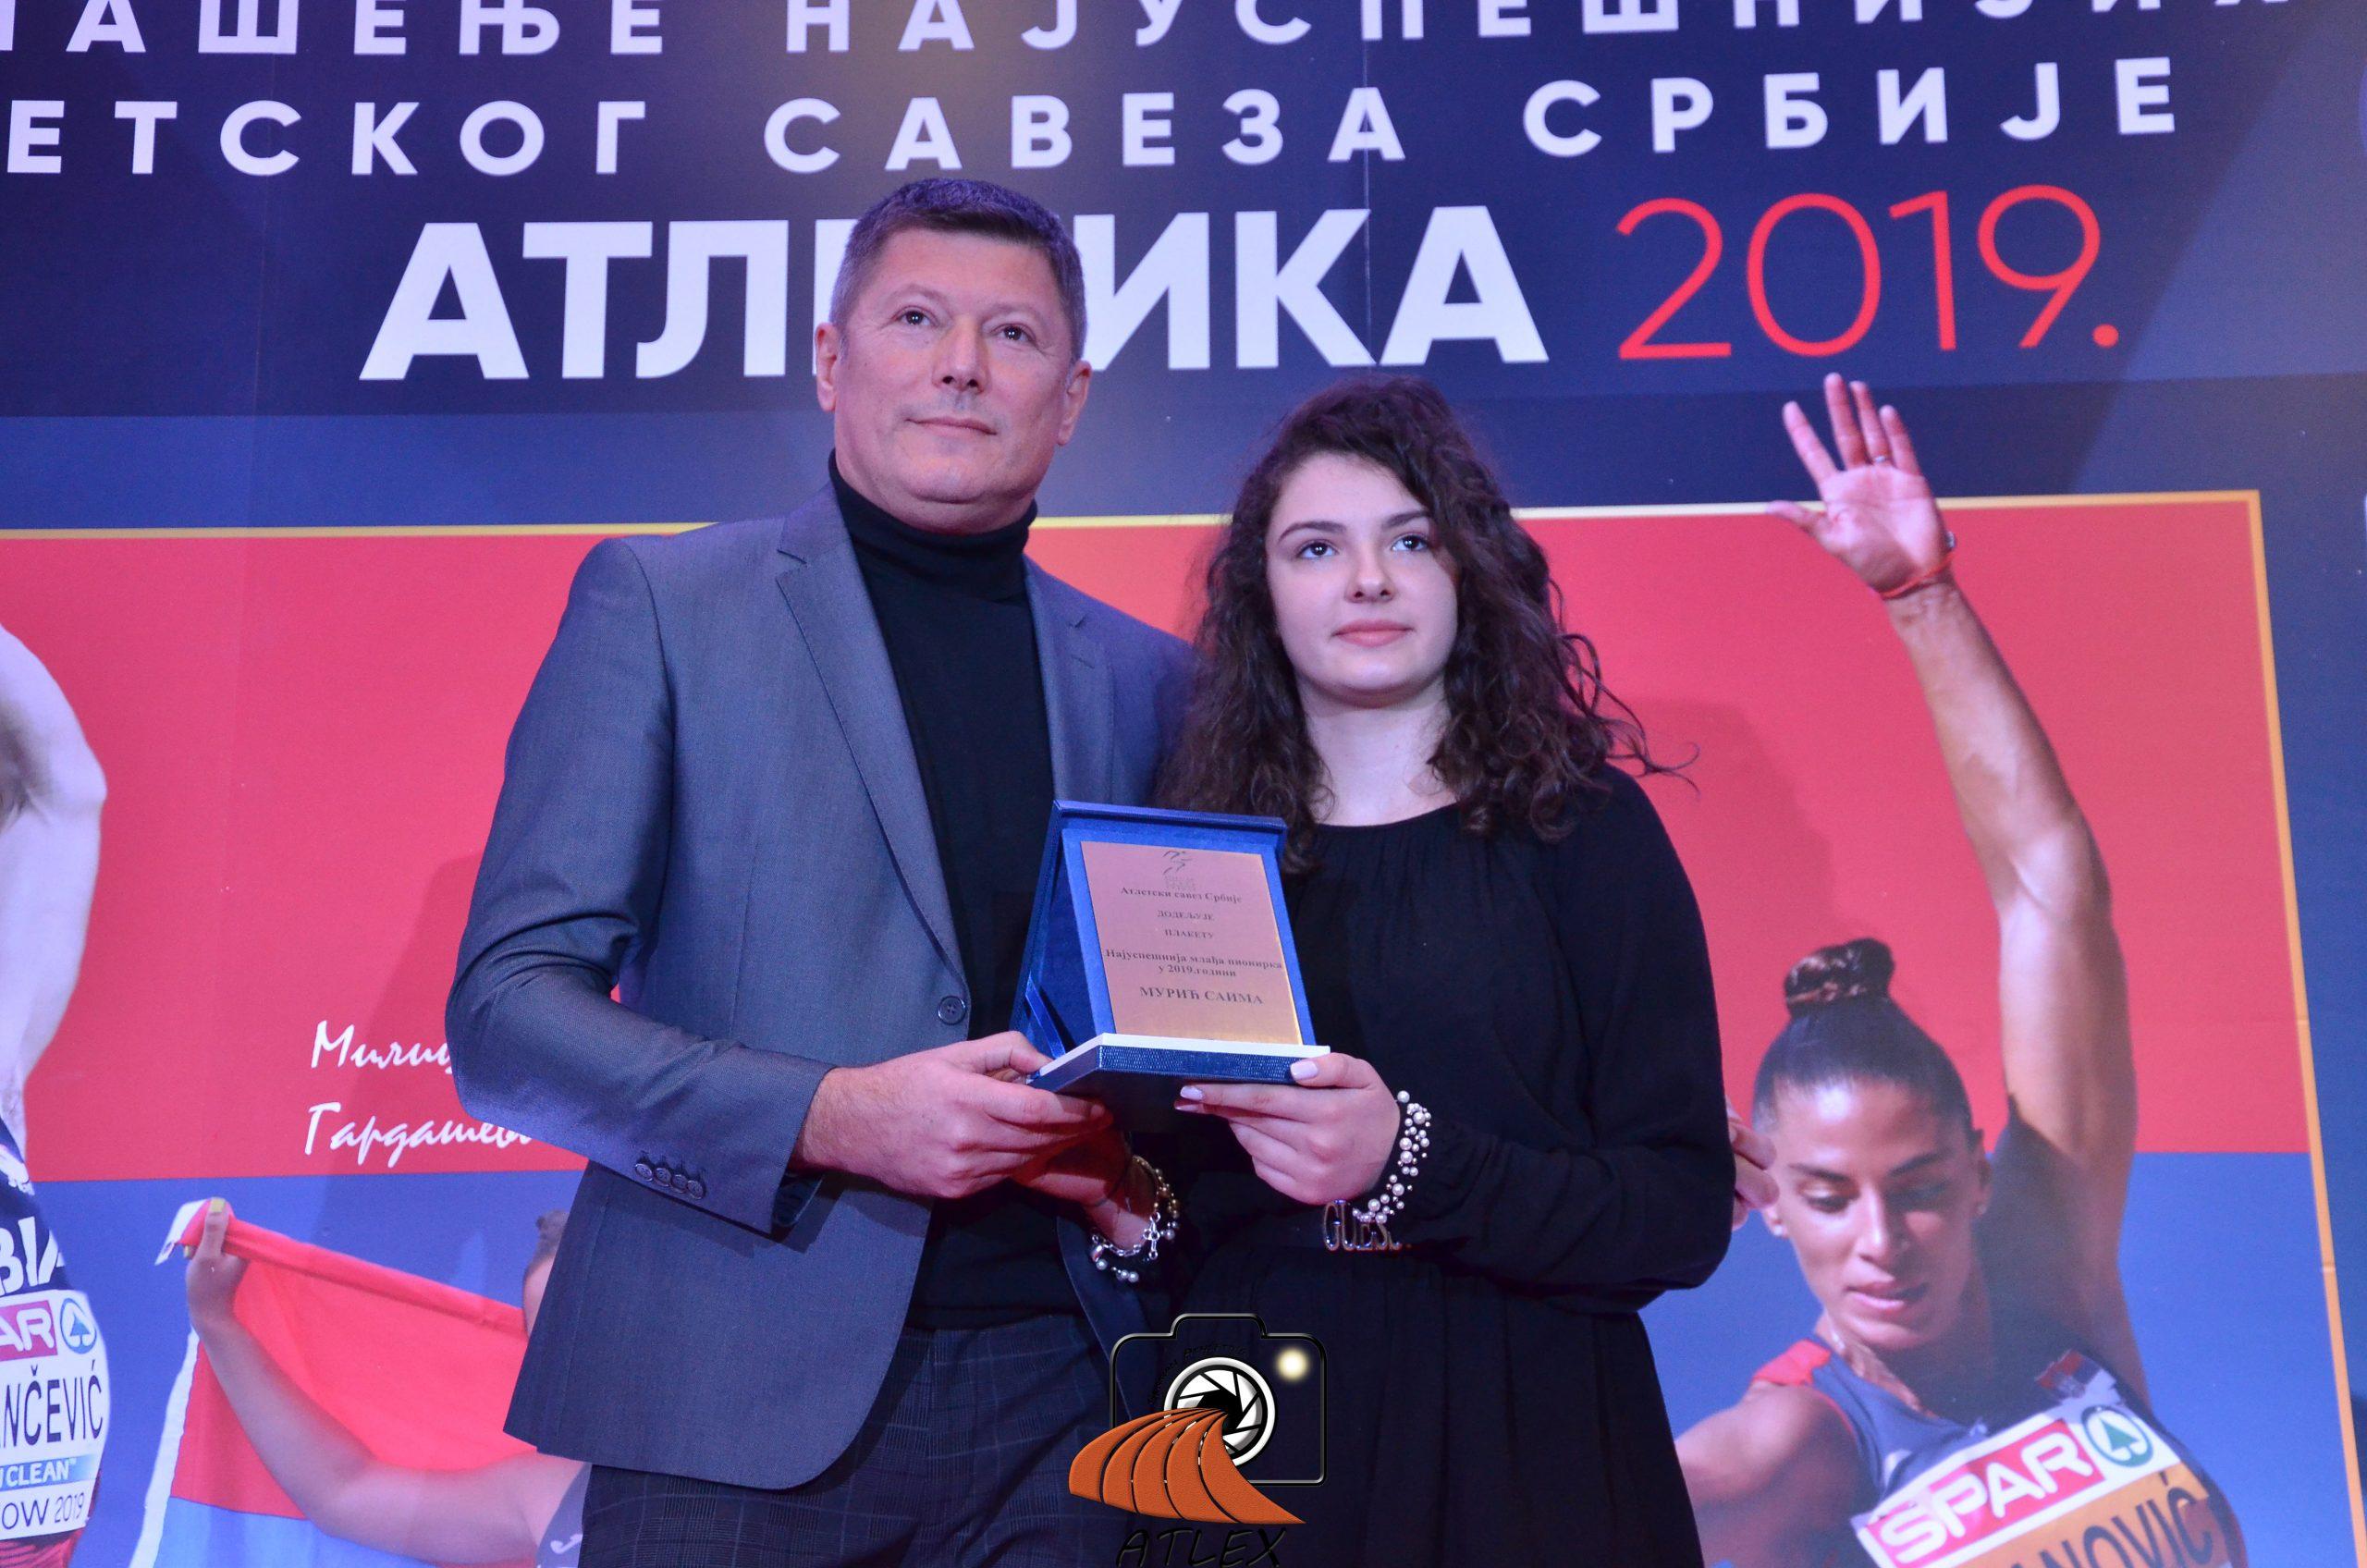 Najbolja mlađa pionirka Srbije u 2019.